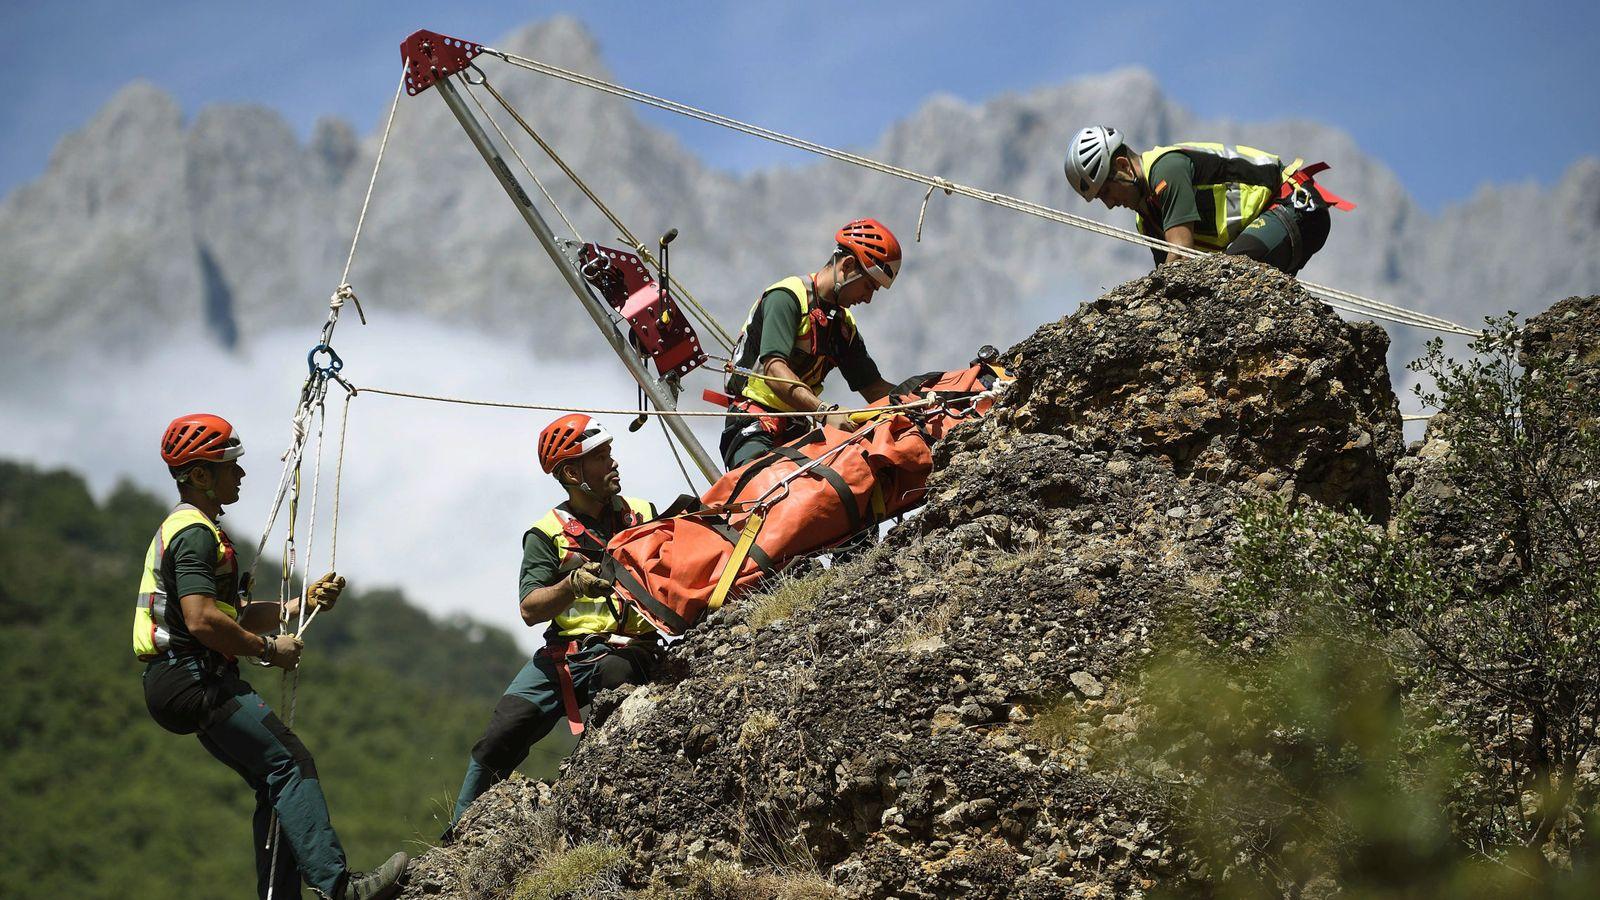 Foto: Agentes del Grupo de Rescate e Intervención en Montaña (Greim) de la Guardia Civil, durante un simulacro de rescate en el Parque Nacional de los Picos de Europa. (EFE)